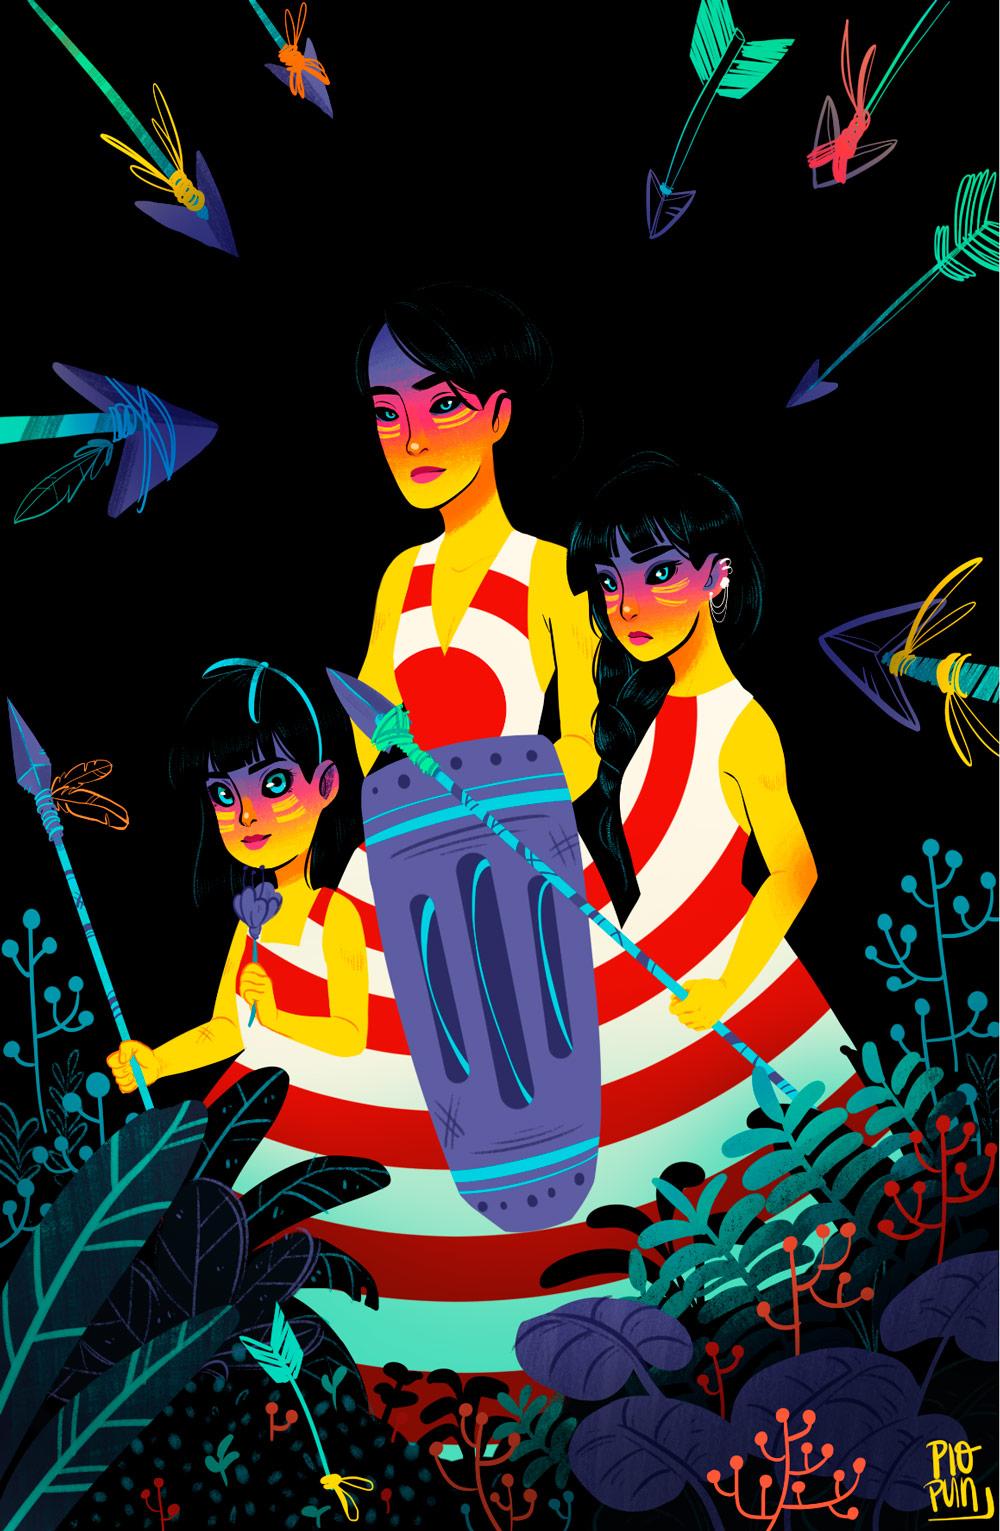 Ilustracion de Pio Pun - Ilustradores chilenos por 2Design Blog